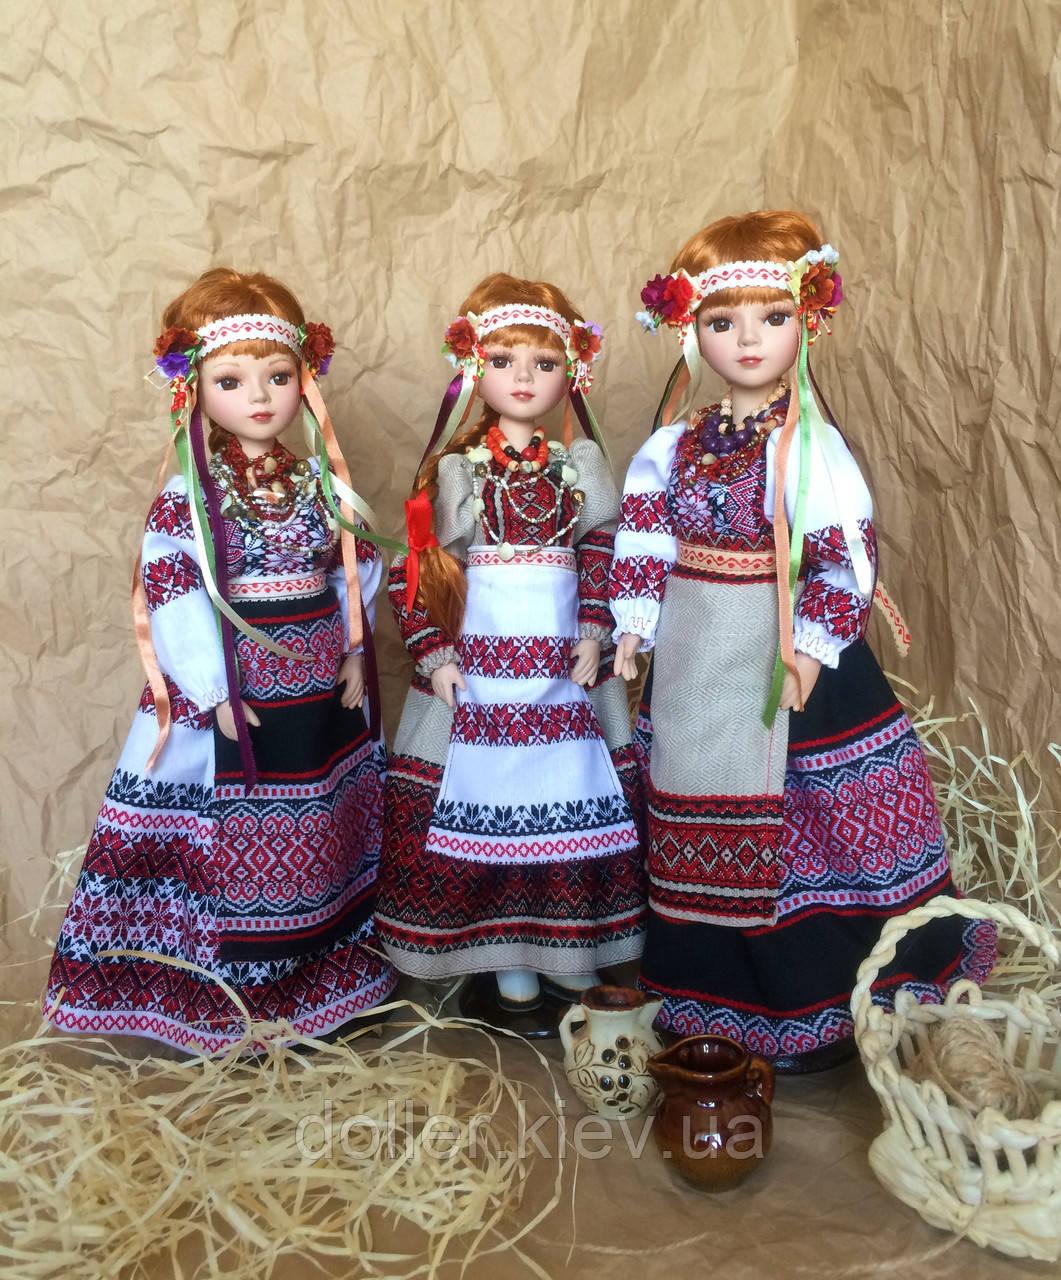 Лялька в українському національному костюмі, лялька-українка (40 див.)